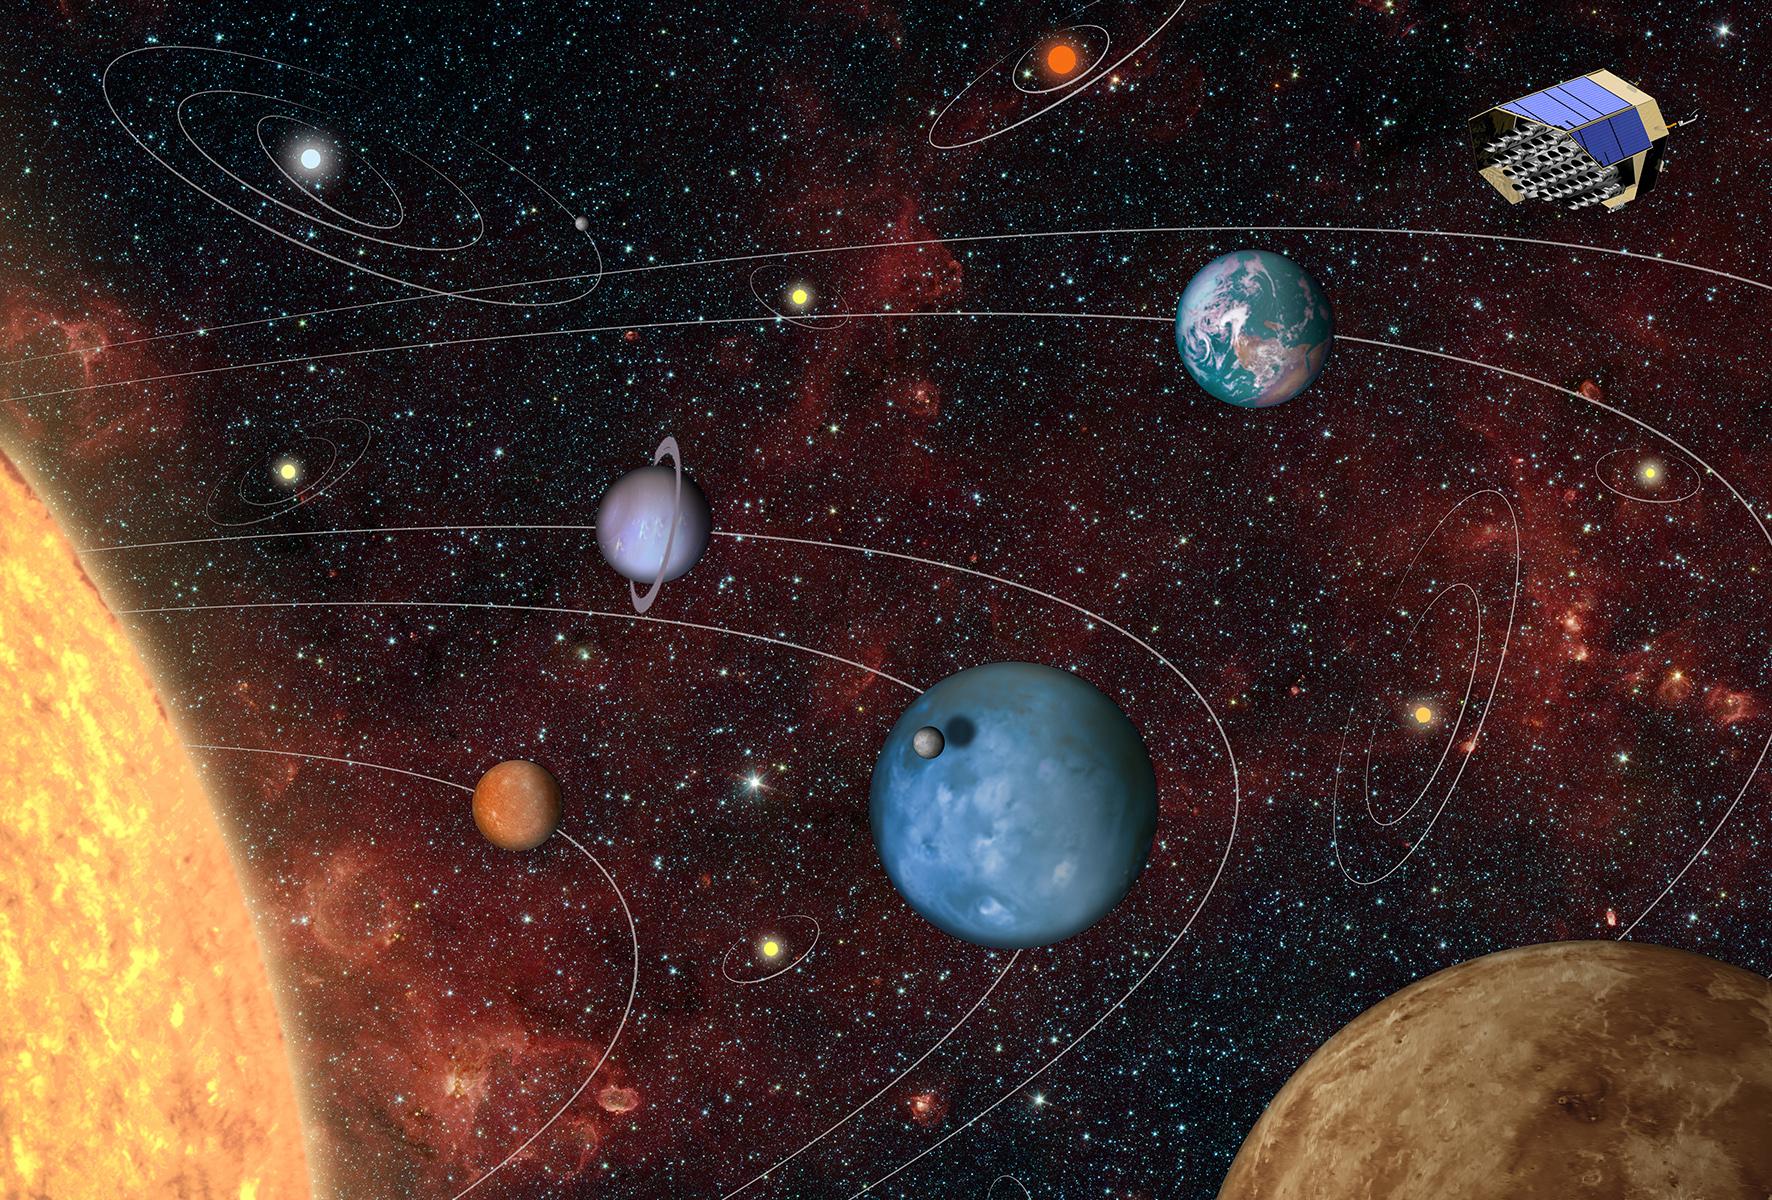 Космическая обсерватория в поисках новой Земли